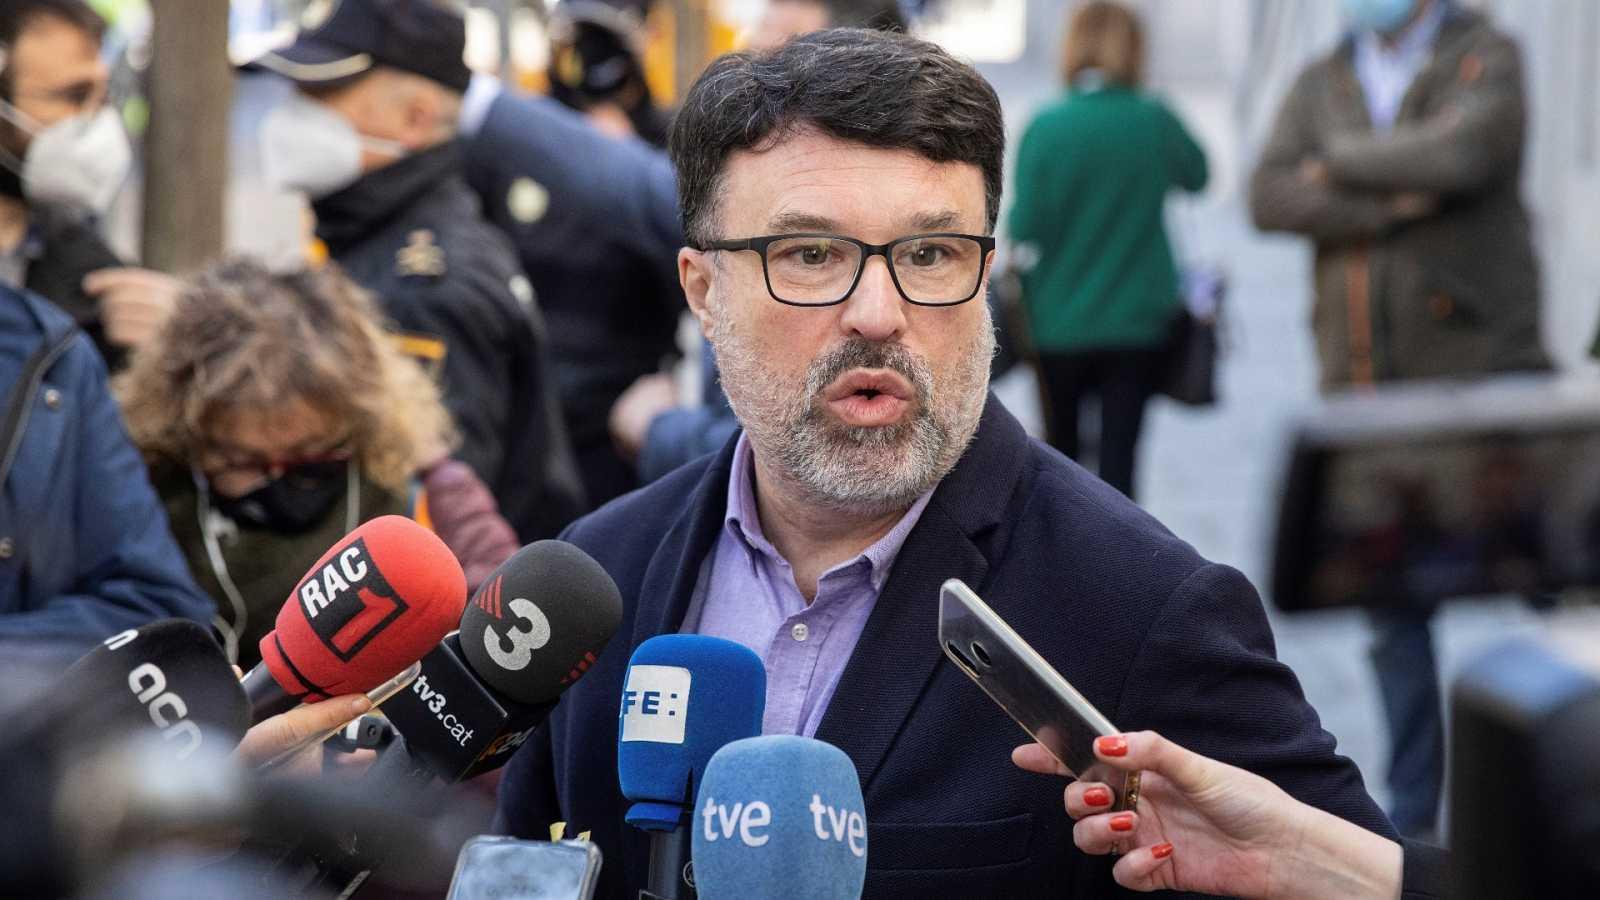 El diputado de ERC Joan Josep Nuet